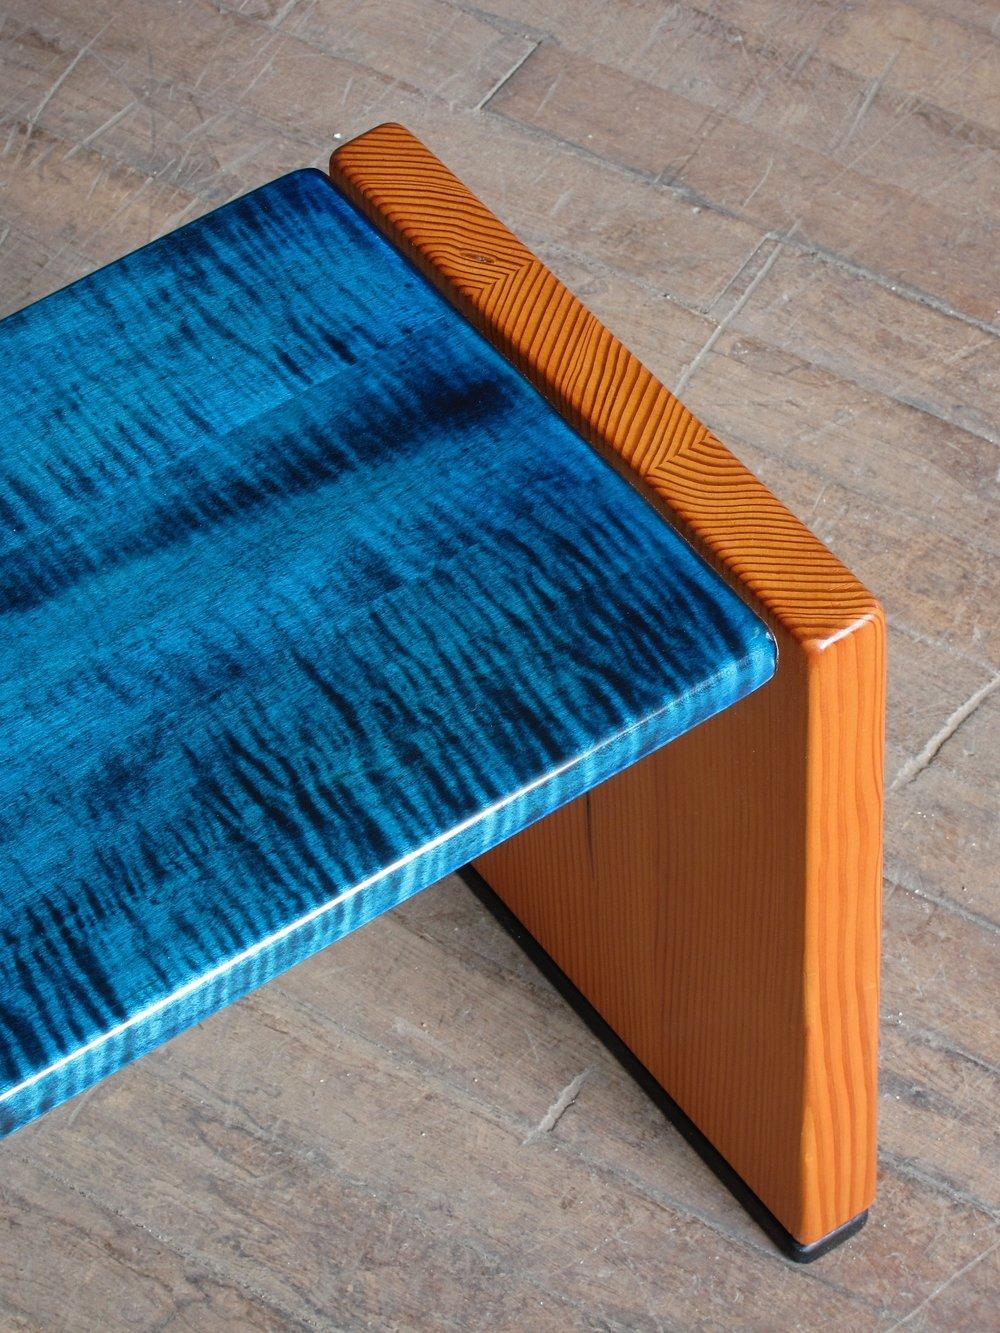 Doug fir& curyly maple bench.jpg